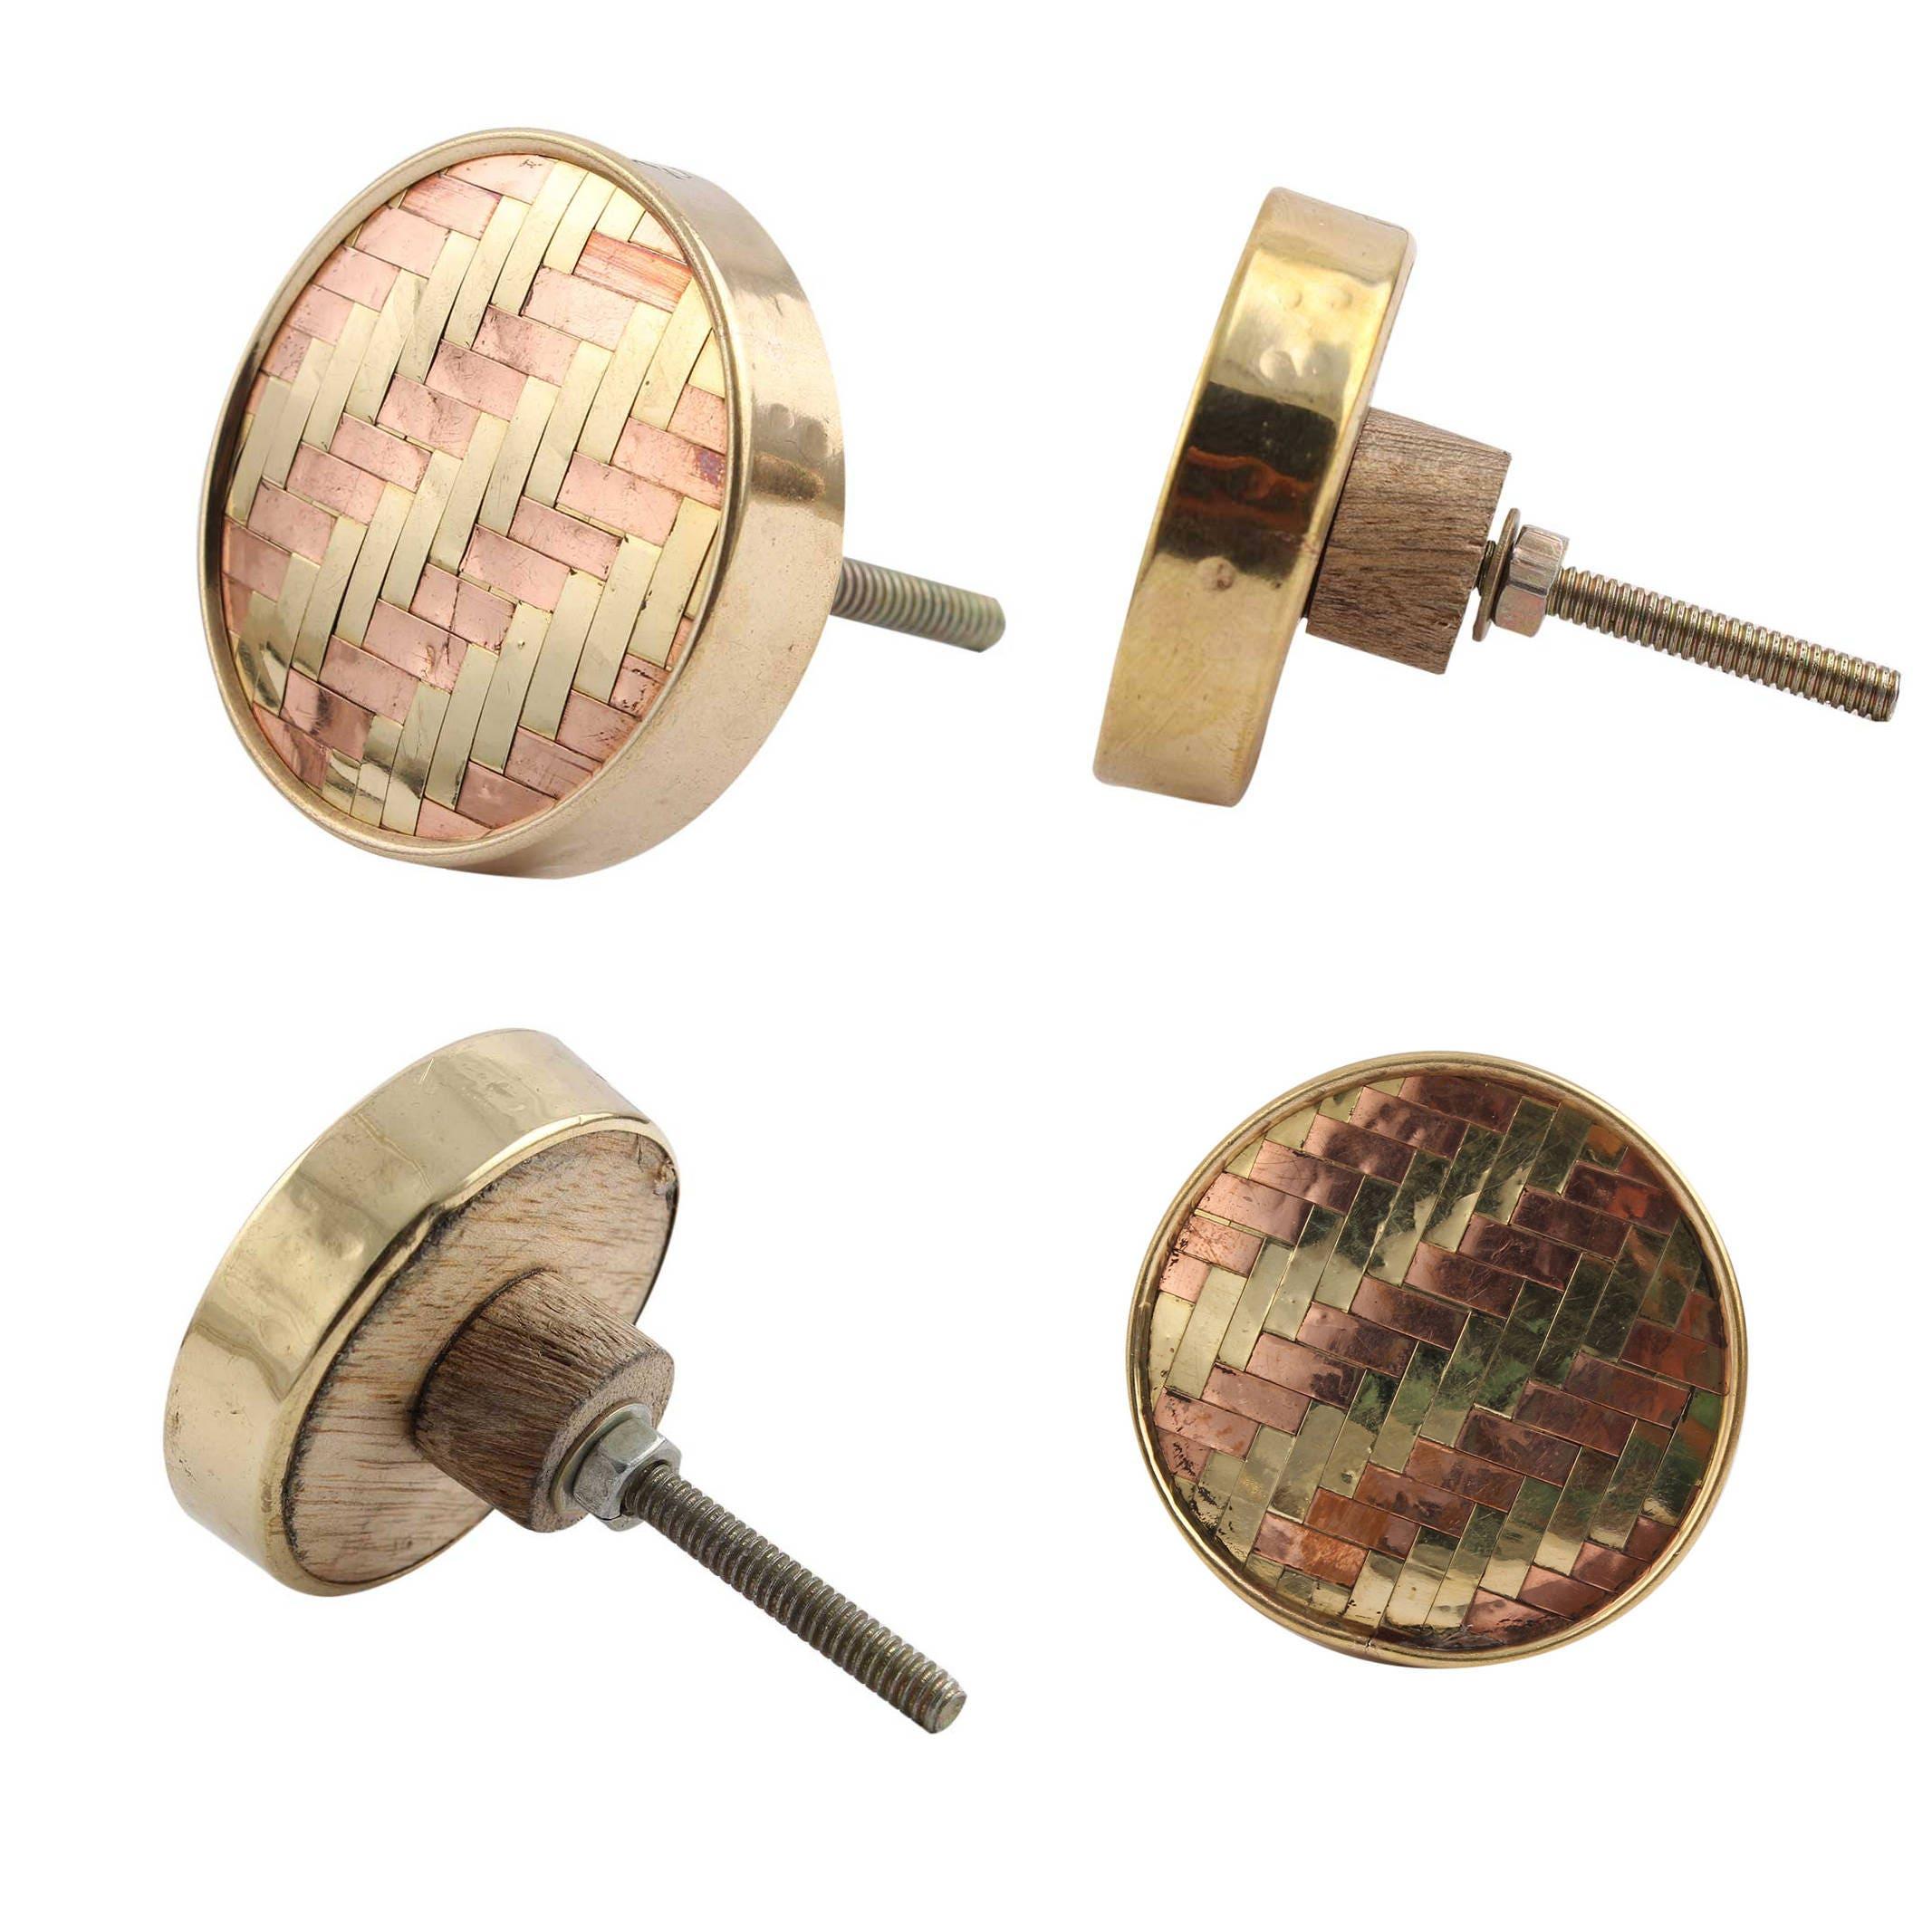 Handgefertigte Kupfer und Gold Gitter Schrank Knopf Metall &